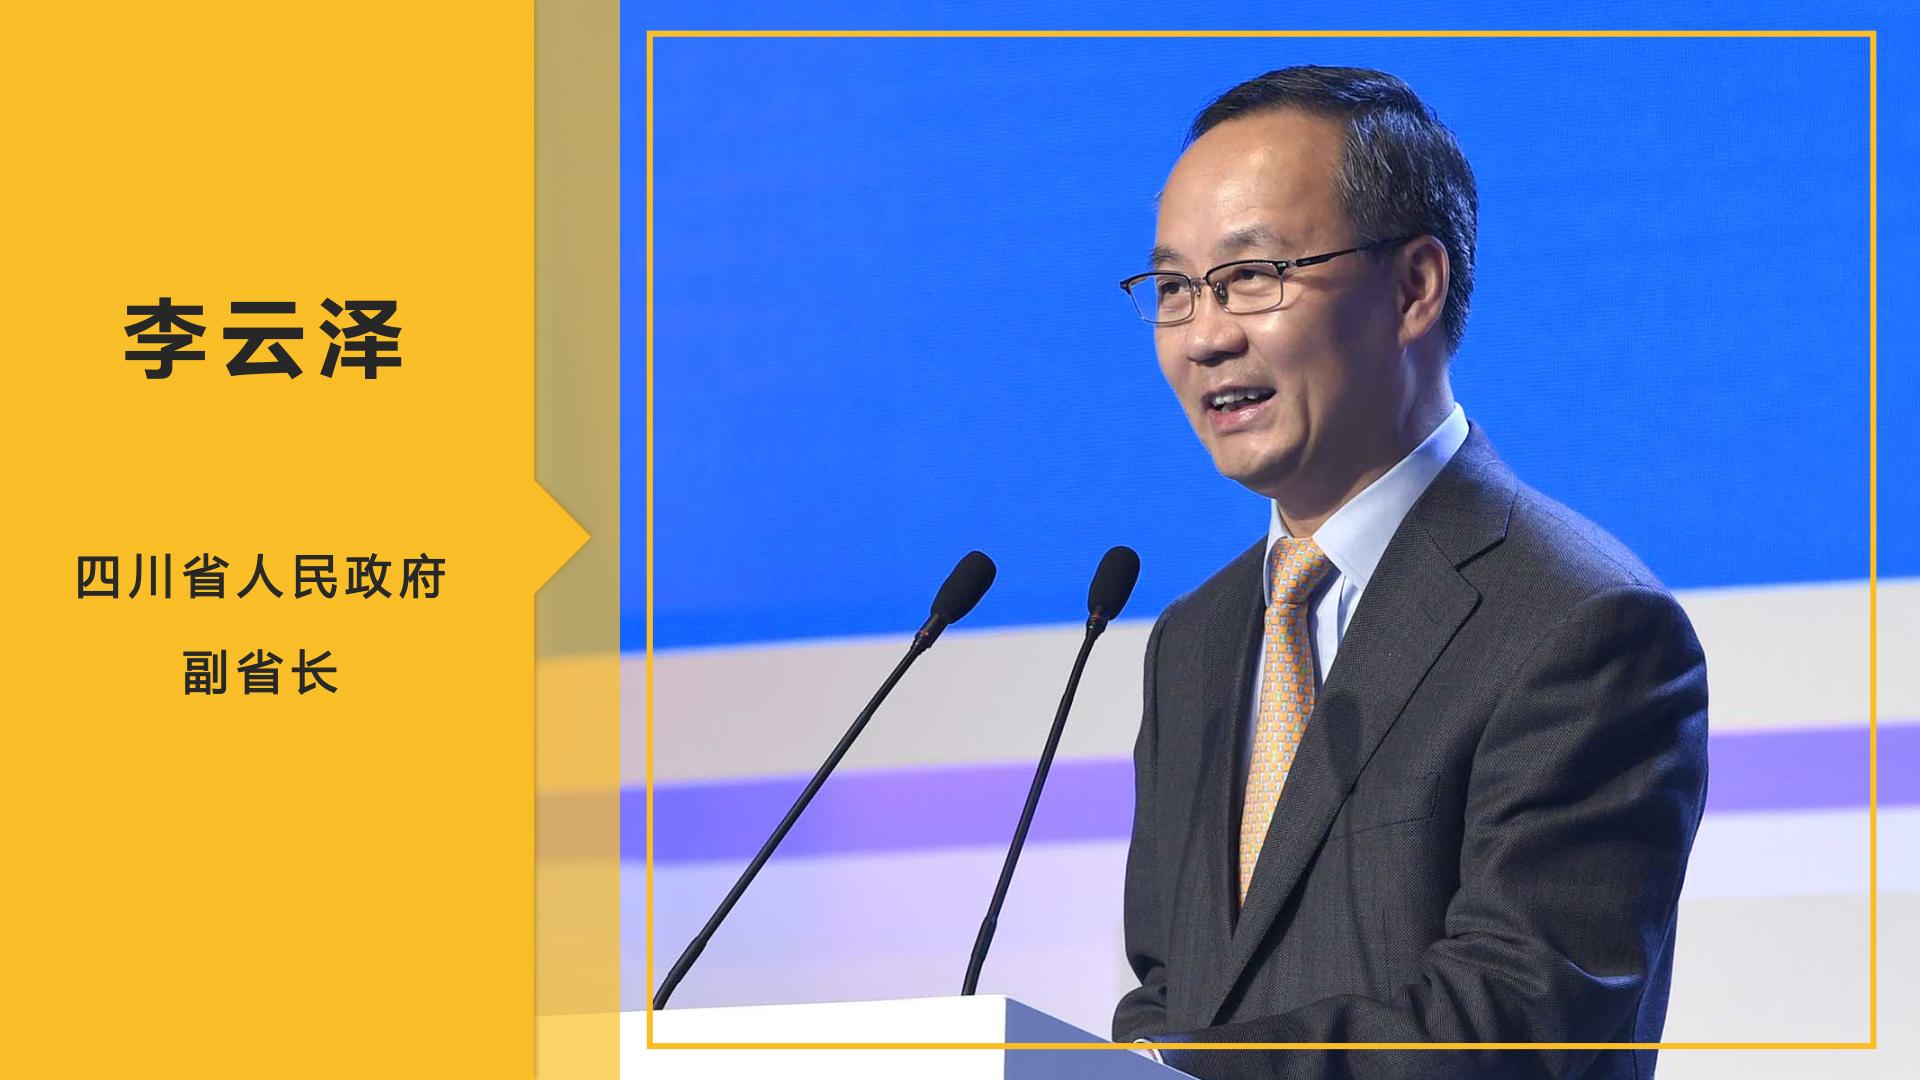 四川省人民政府副省长李云泽主持论坛